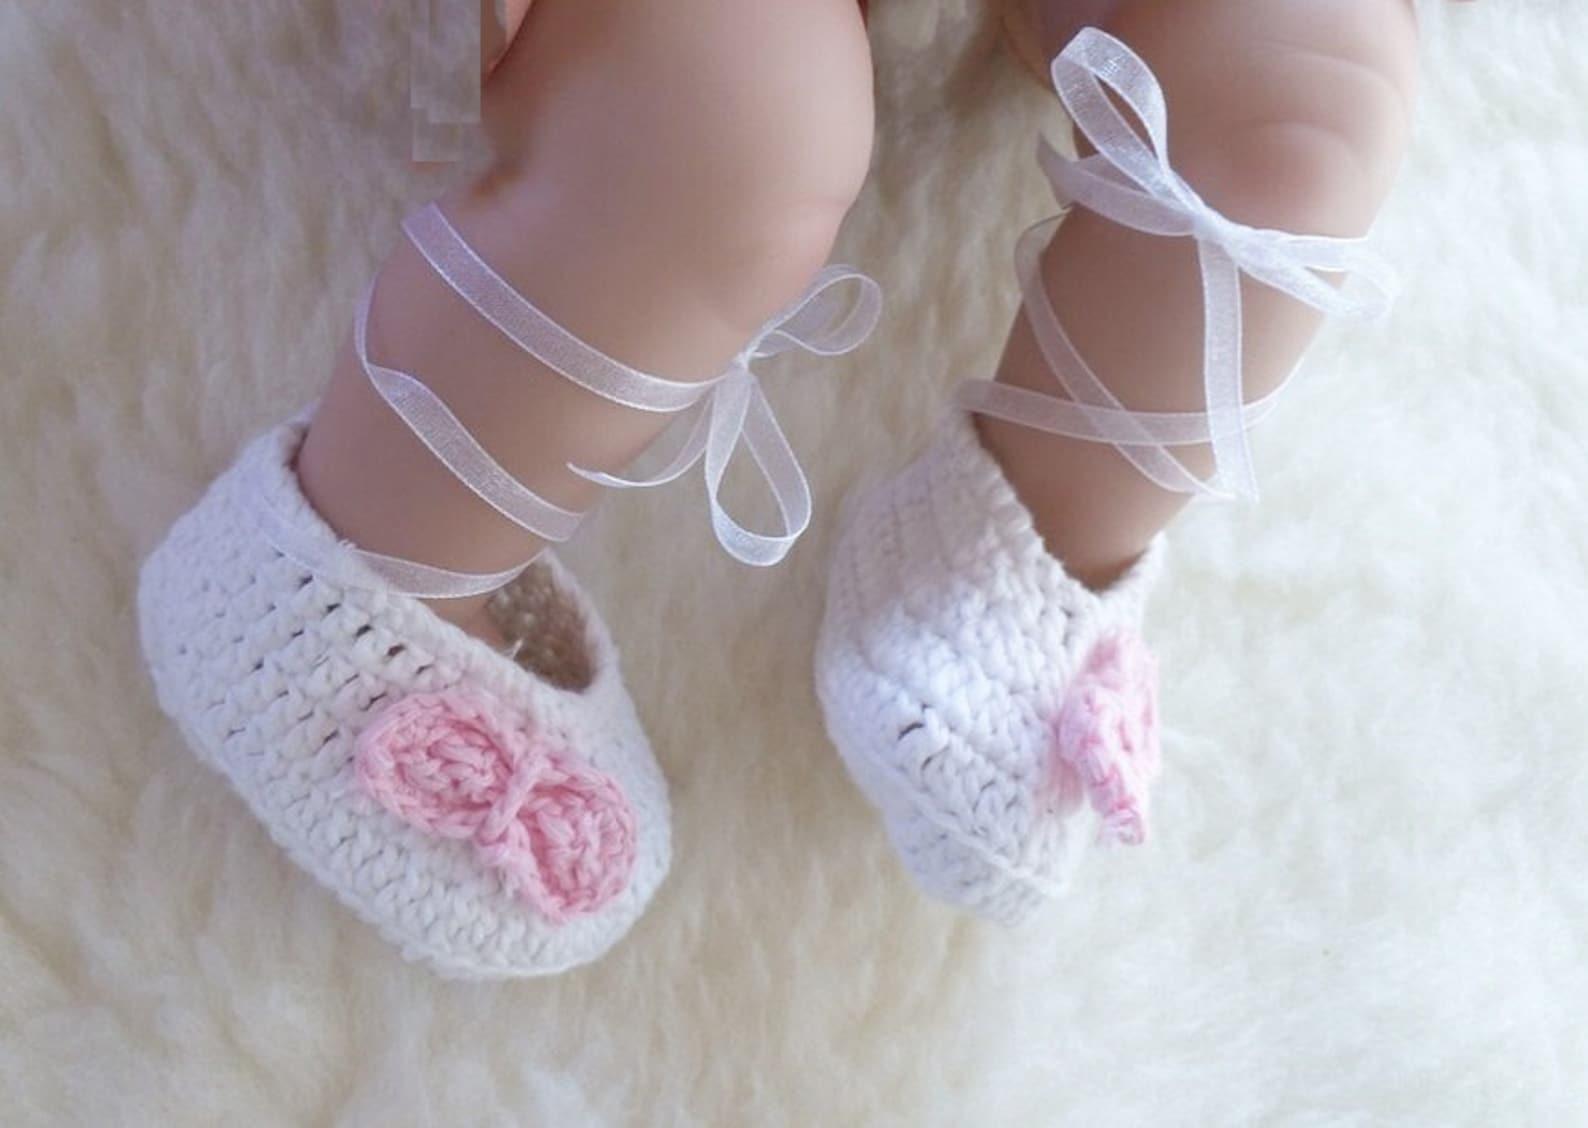 handmade baby girl newborn doll crochet knit ballerina ballet shoes 0-6m sz 0 1 2